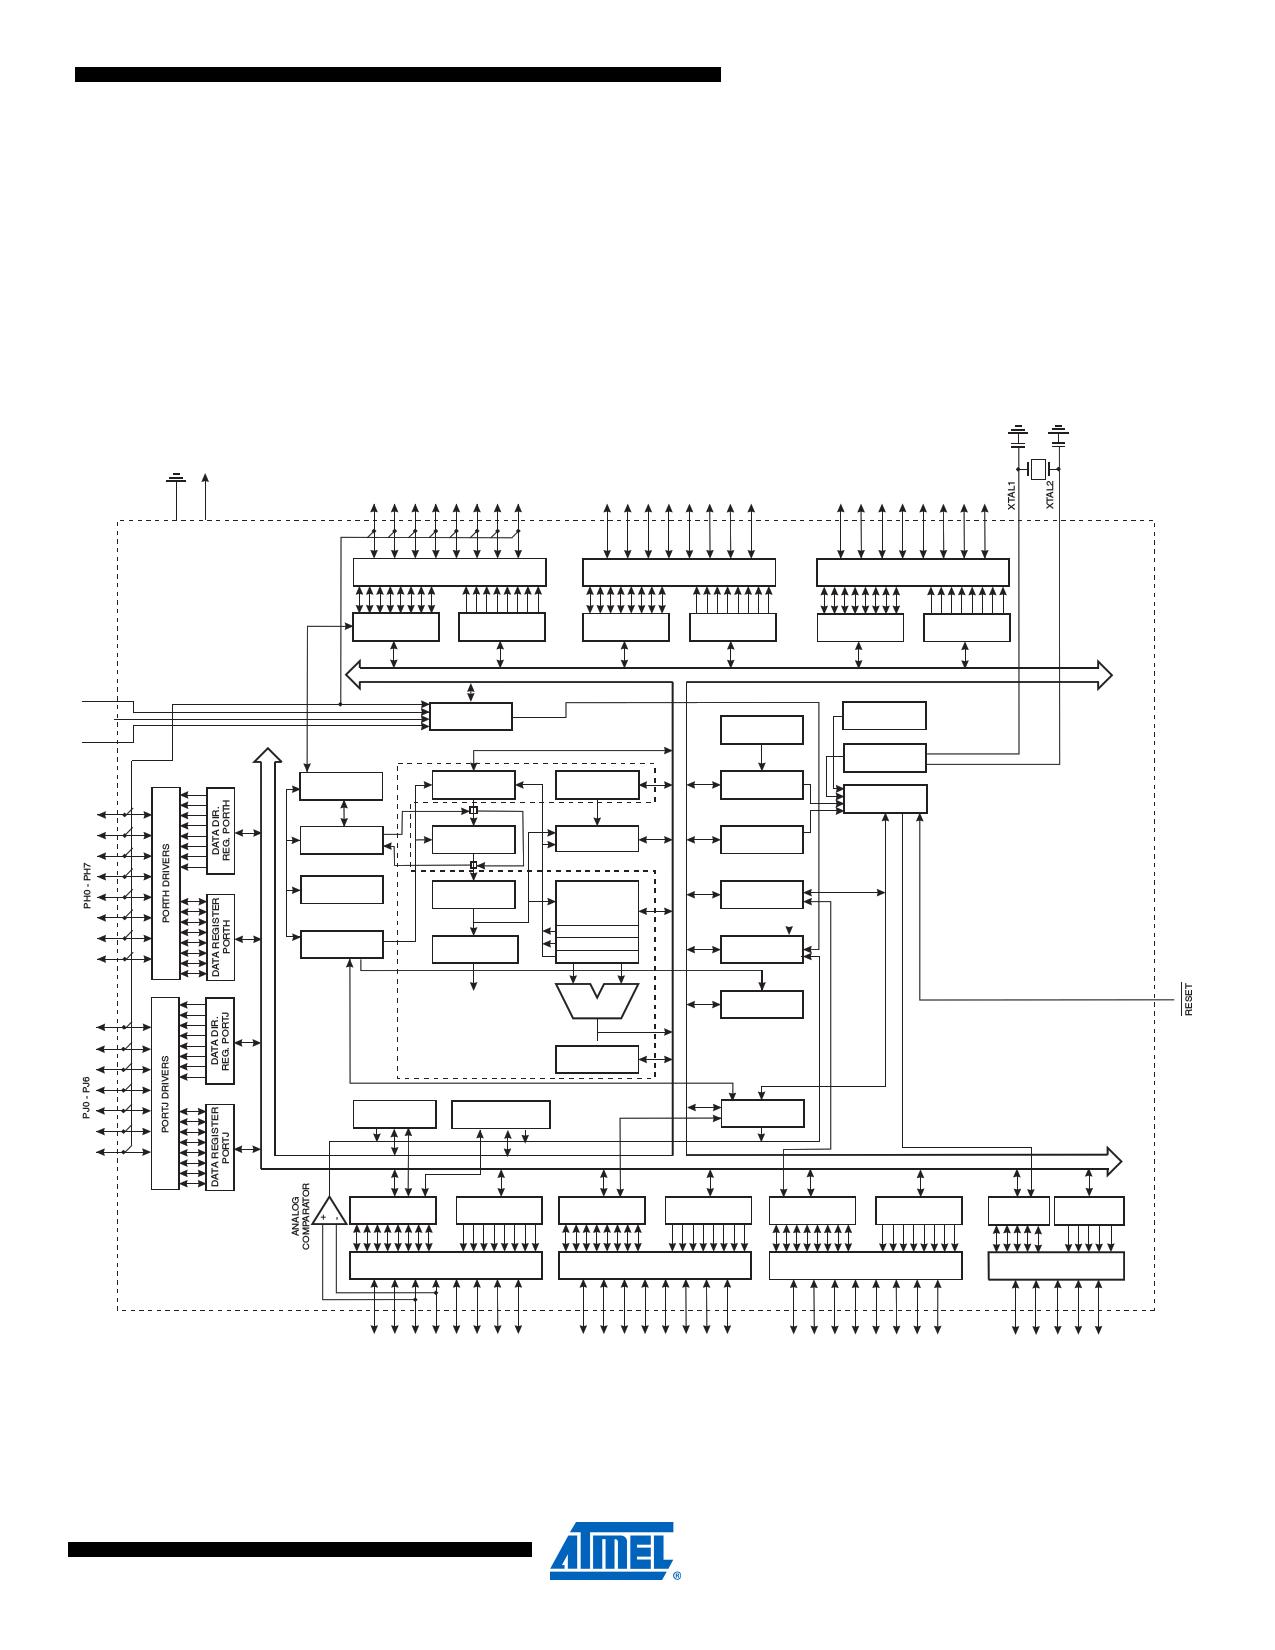 atmega325v pdf  ub370 uc774 ud130 uc2dc ud2b8 - 8-bit microcontroller